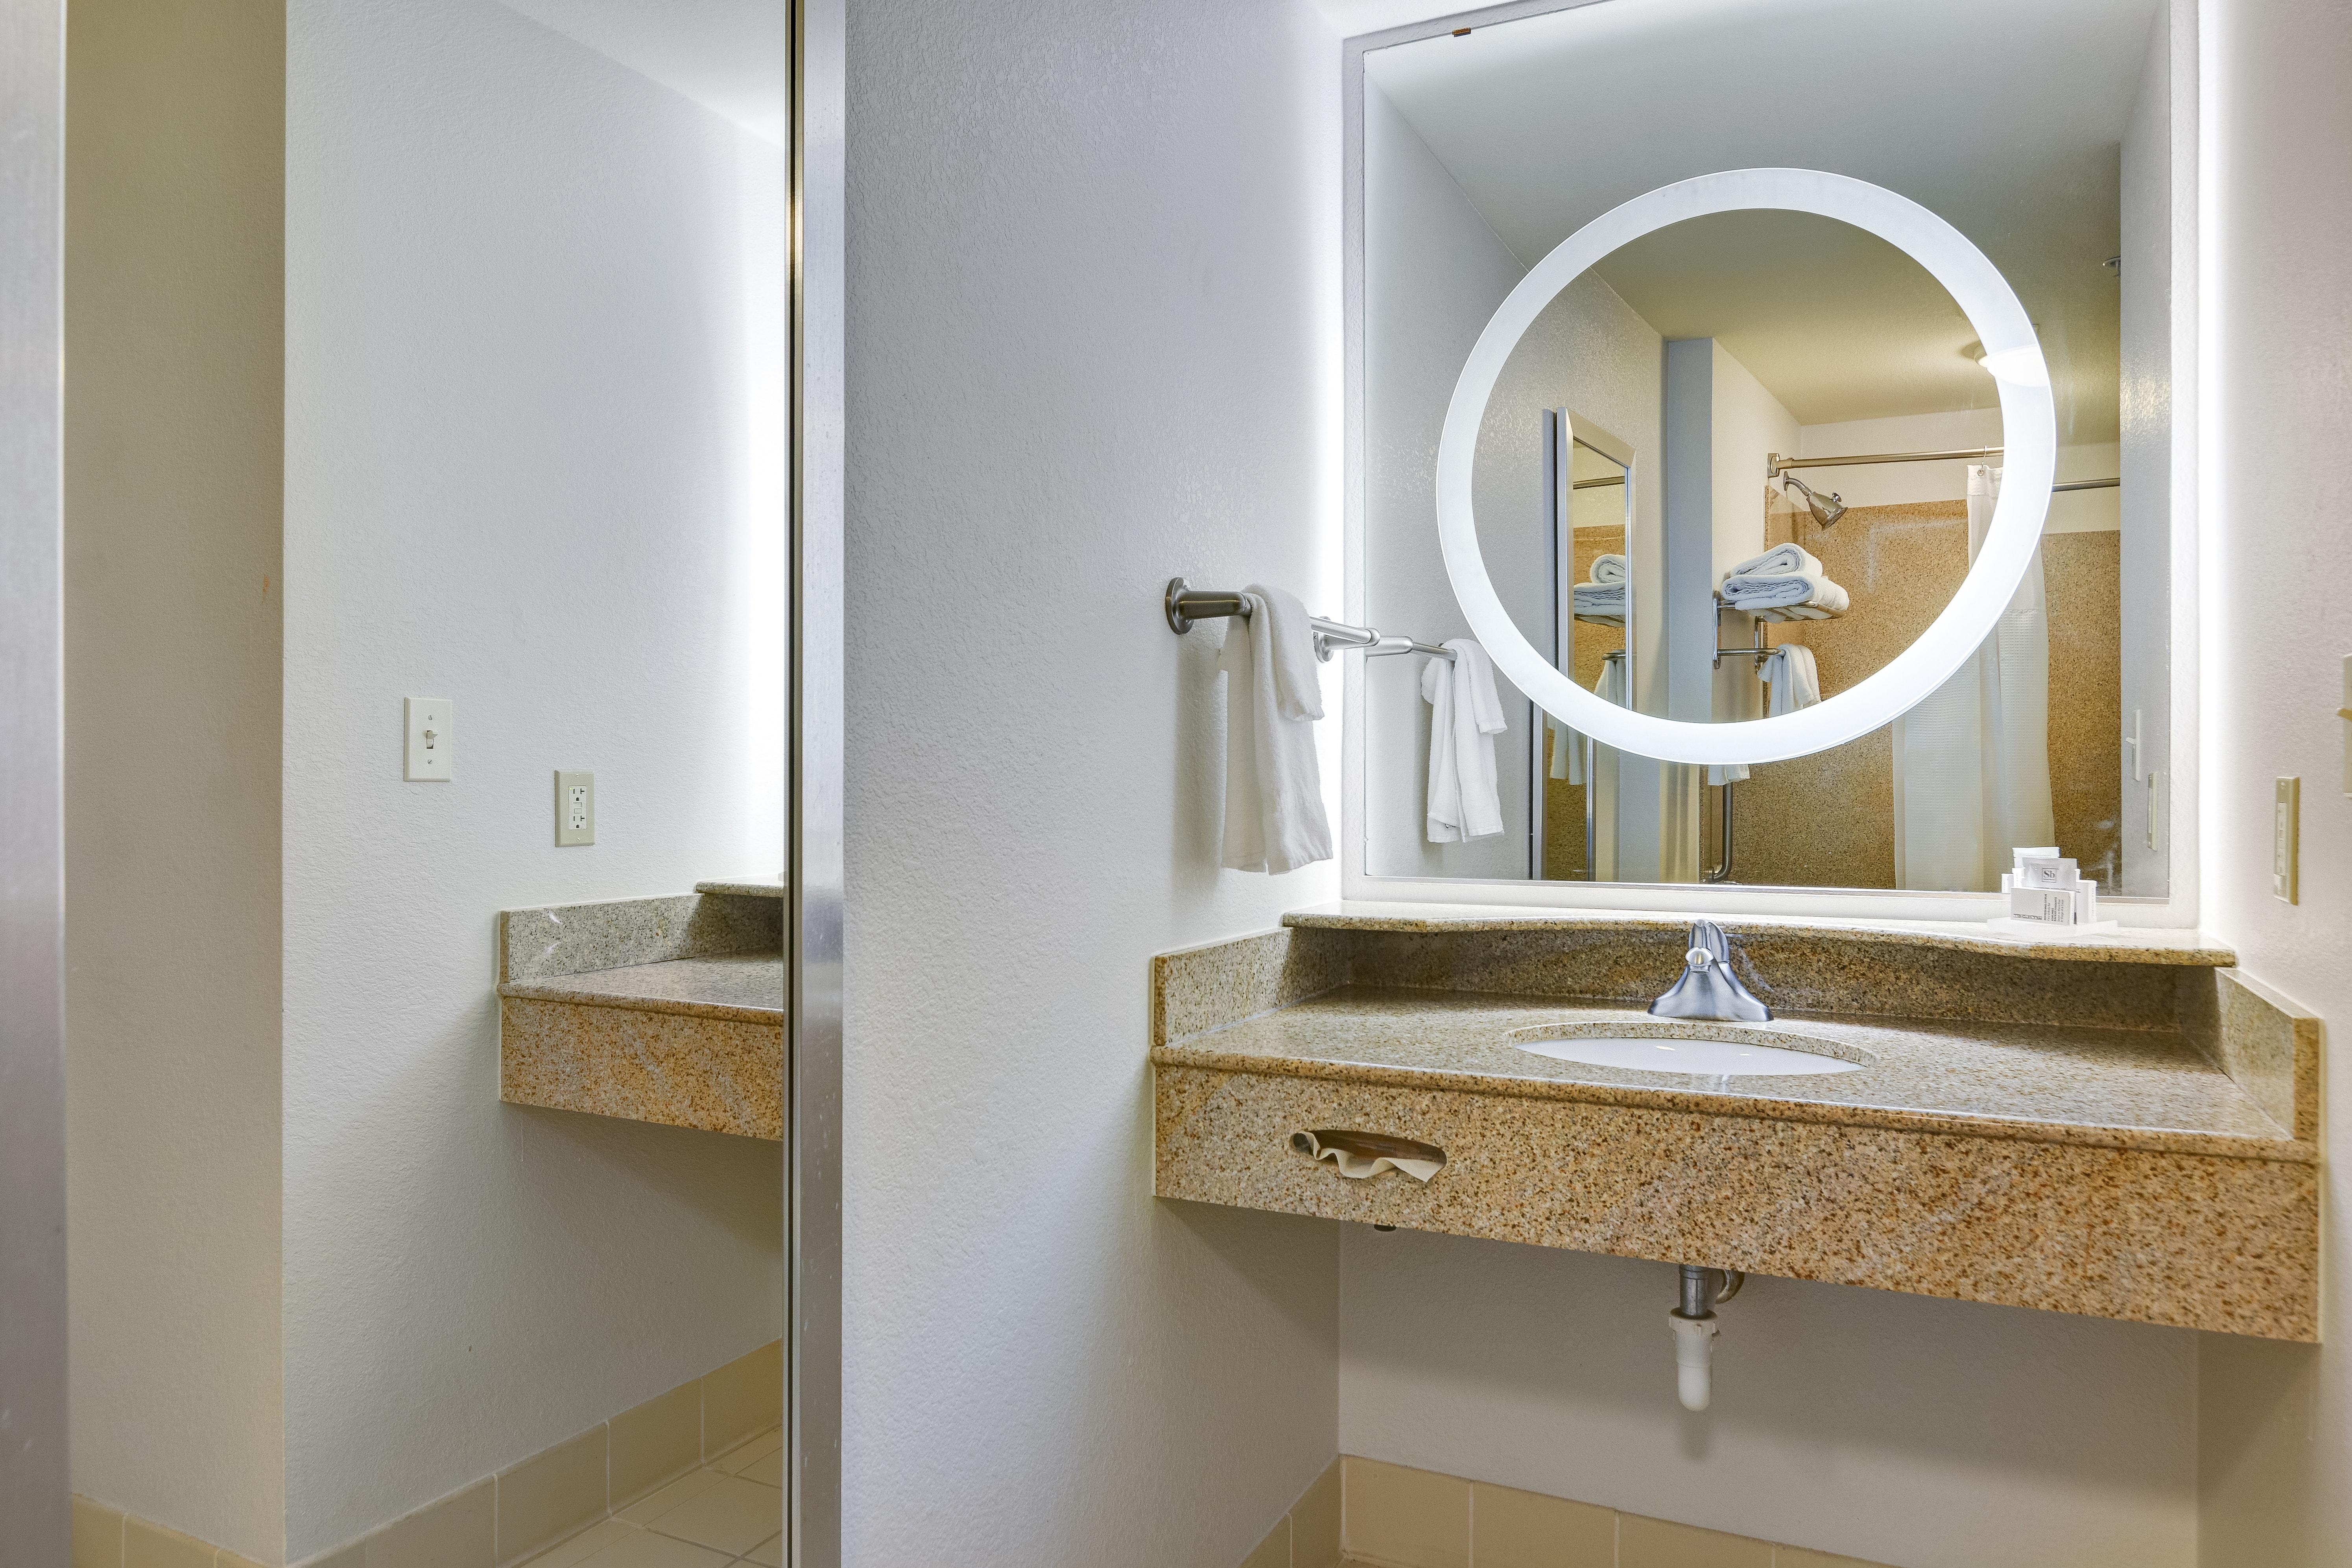 https://www.hotelsbyday.com/_data/default-hotel_image/3/15468/springhill-suites-bo-zbtwo.jpg